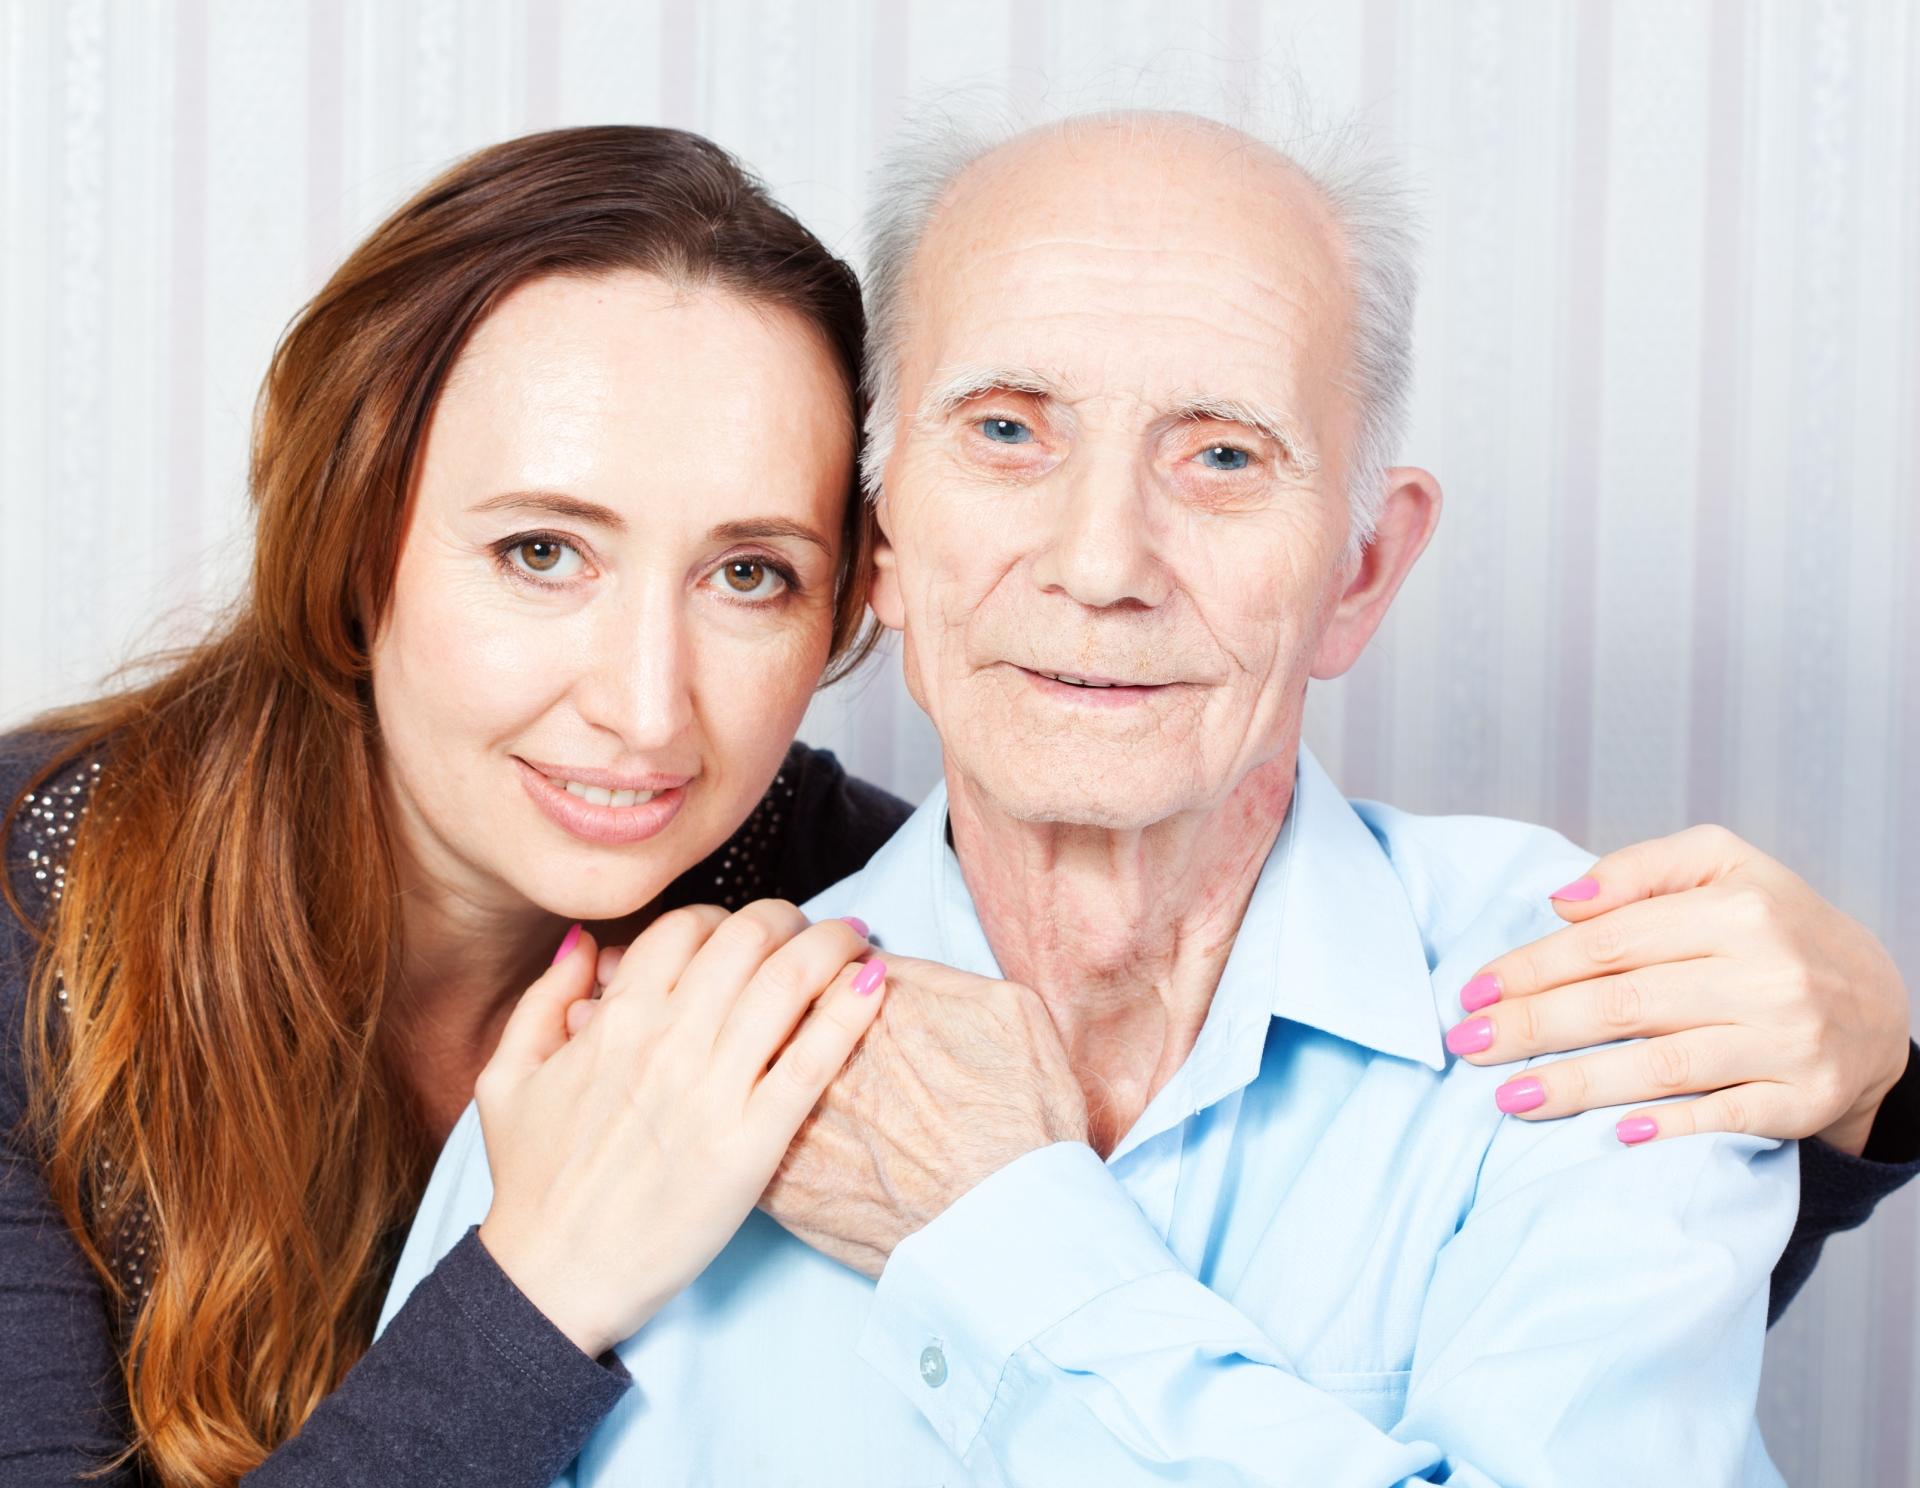 Senior with caregiver family member.